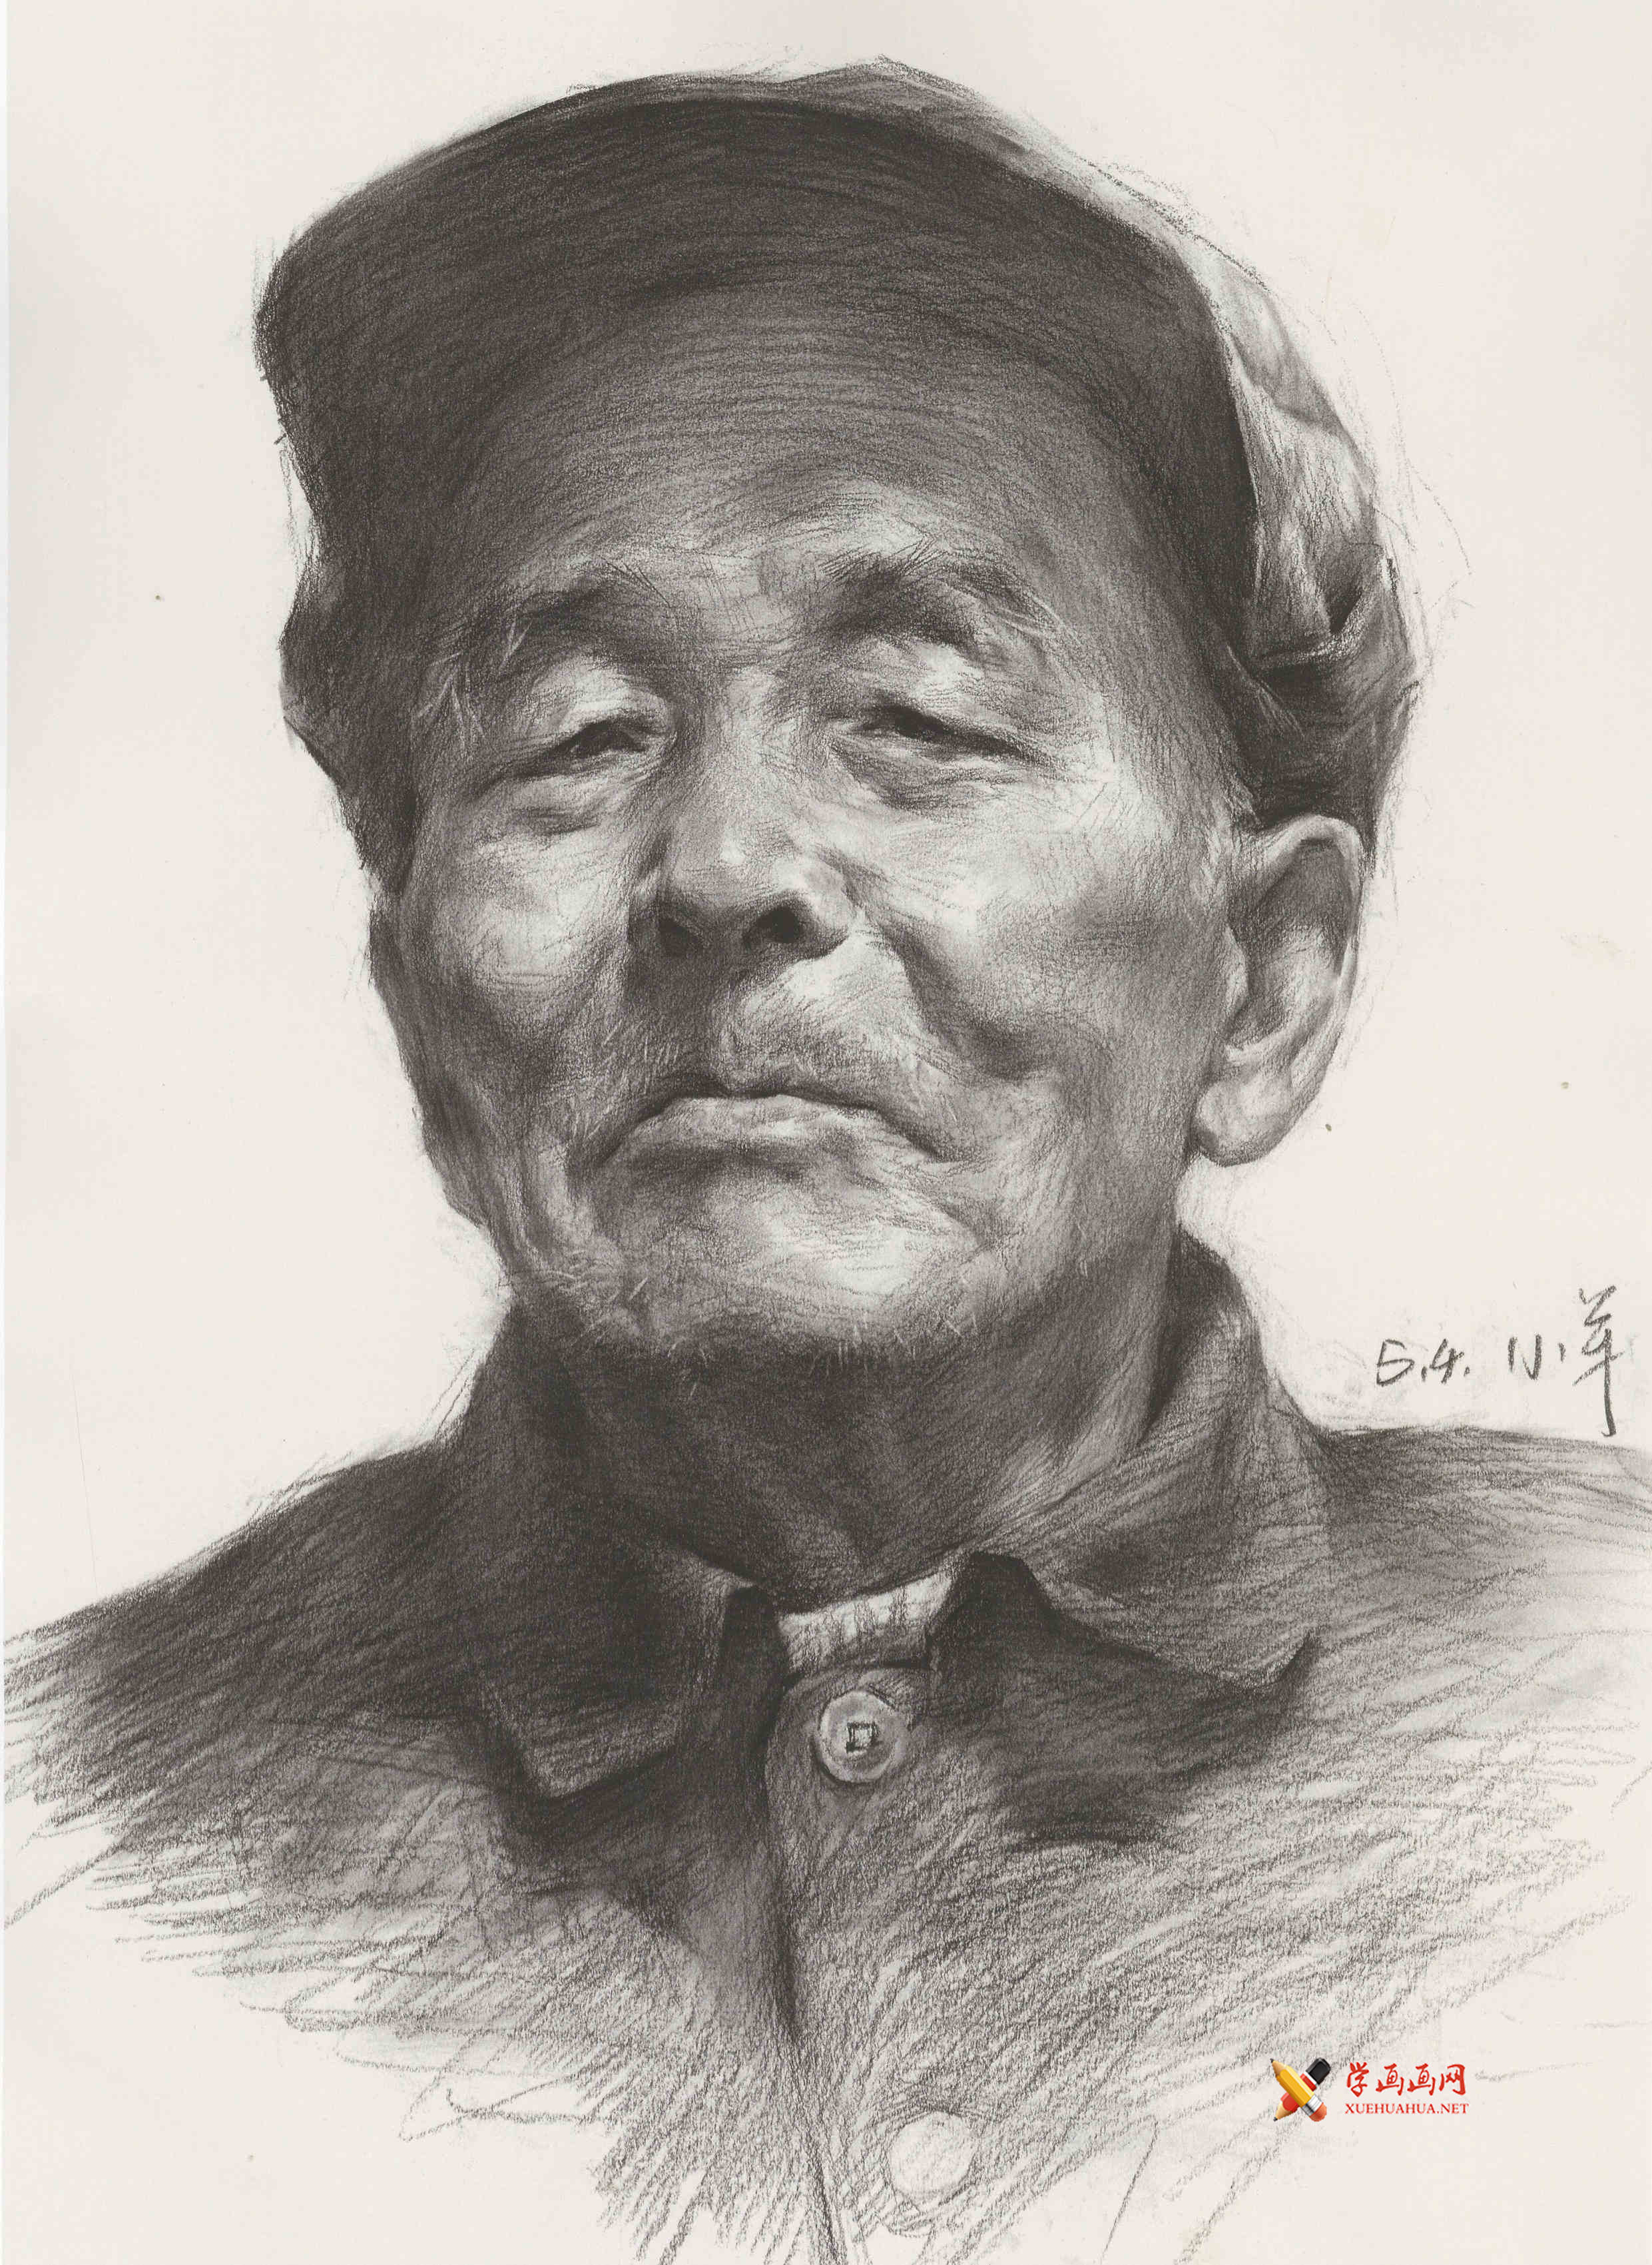 戴帽子的老年男子素描头像高清图片临摹素材(1)